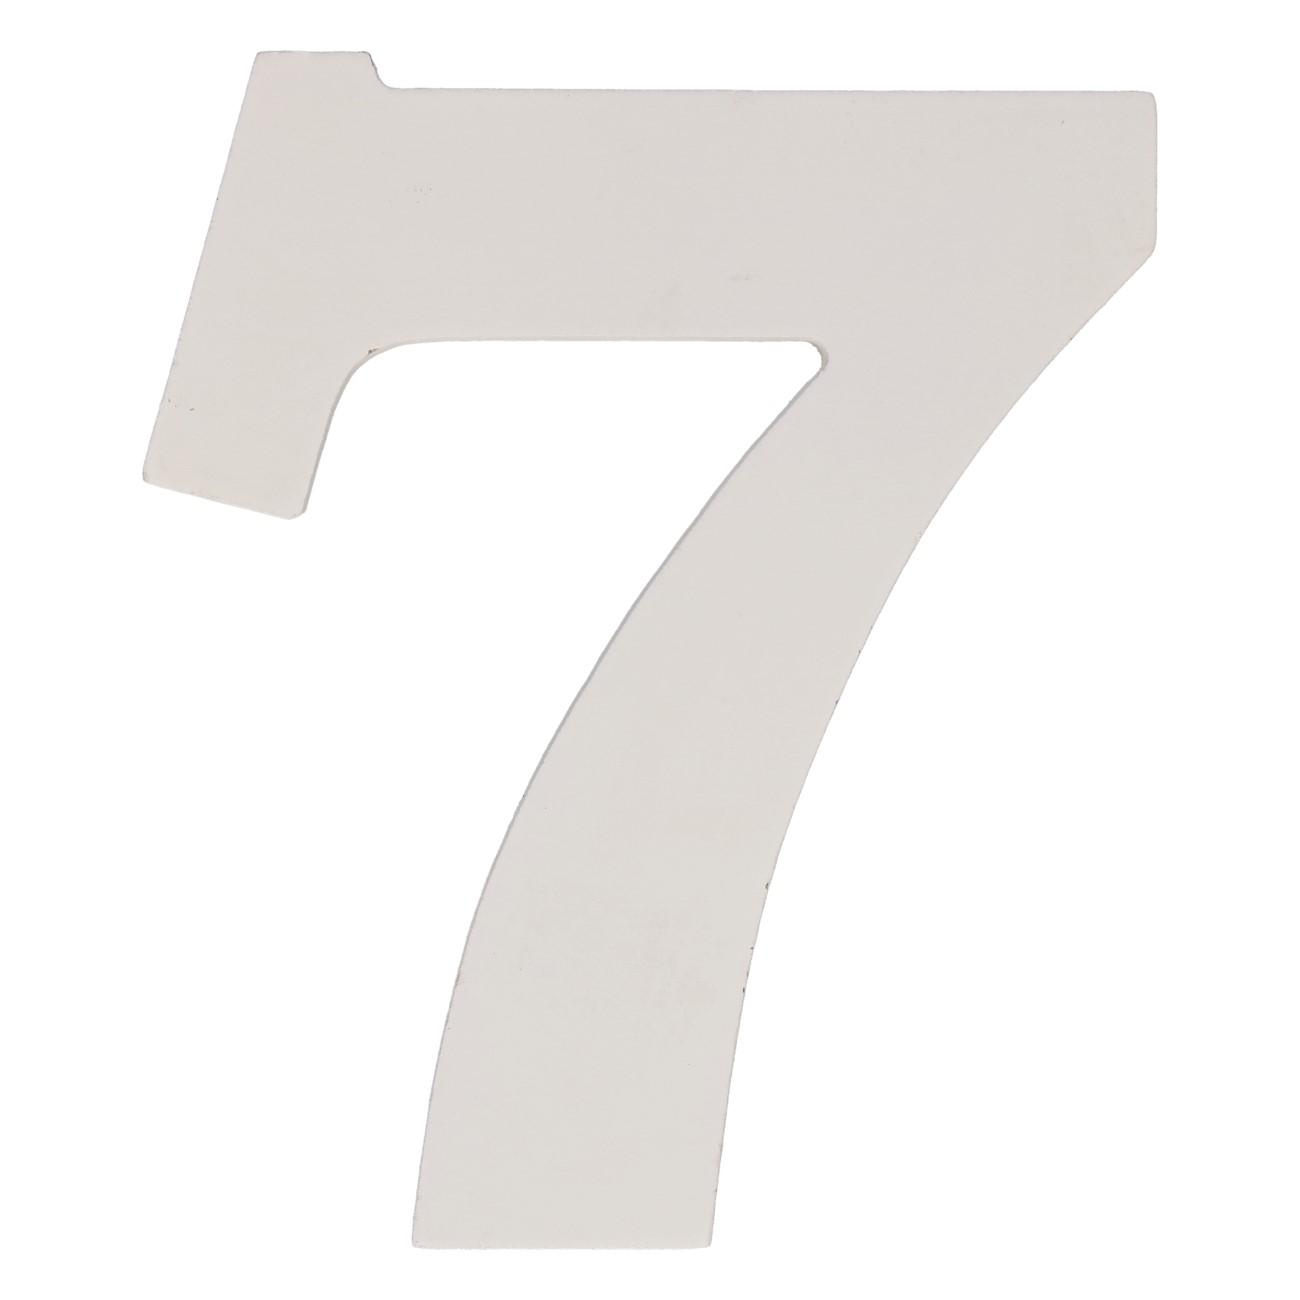 Cijfer mdf 7 (12cm)